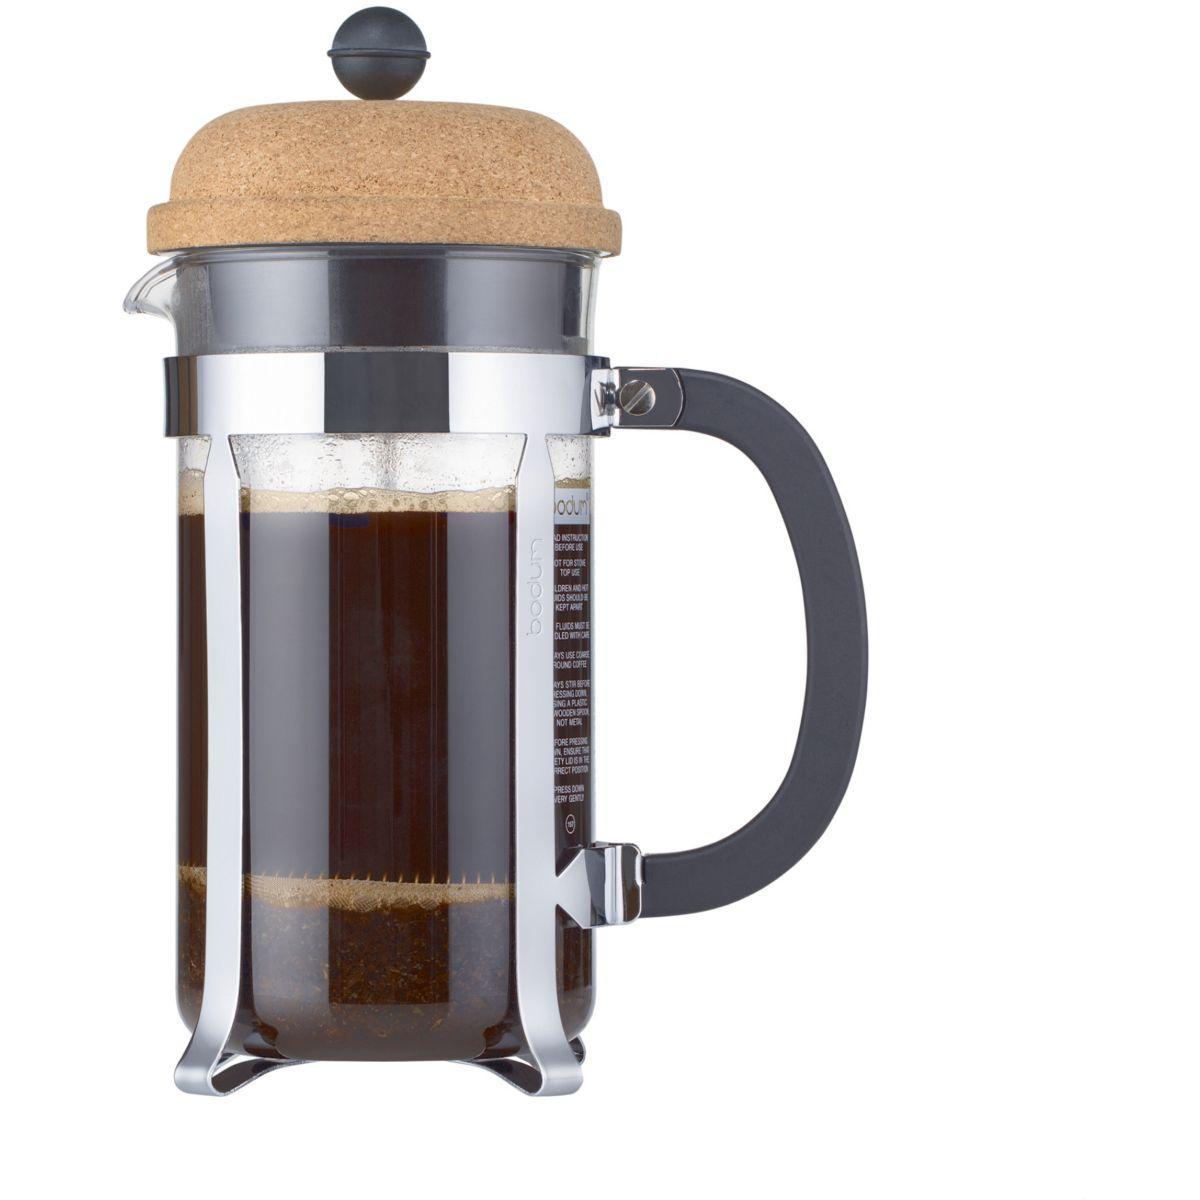 Cafeti�re � piston bodum chambord a piston 8t 1l - couvercle - 15% de remise imm�dia